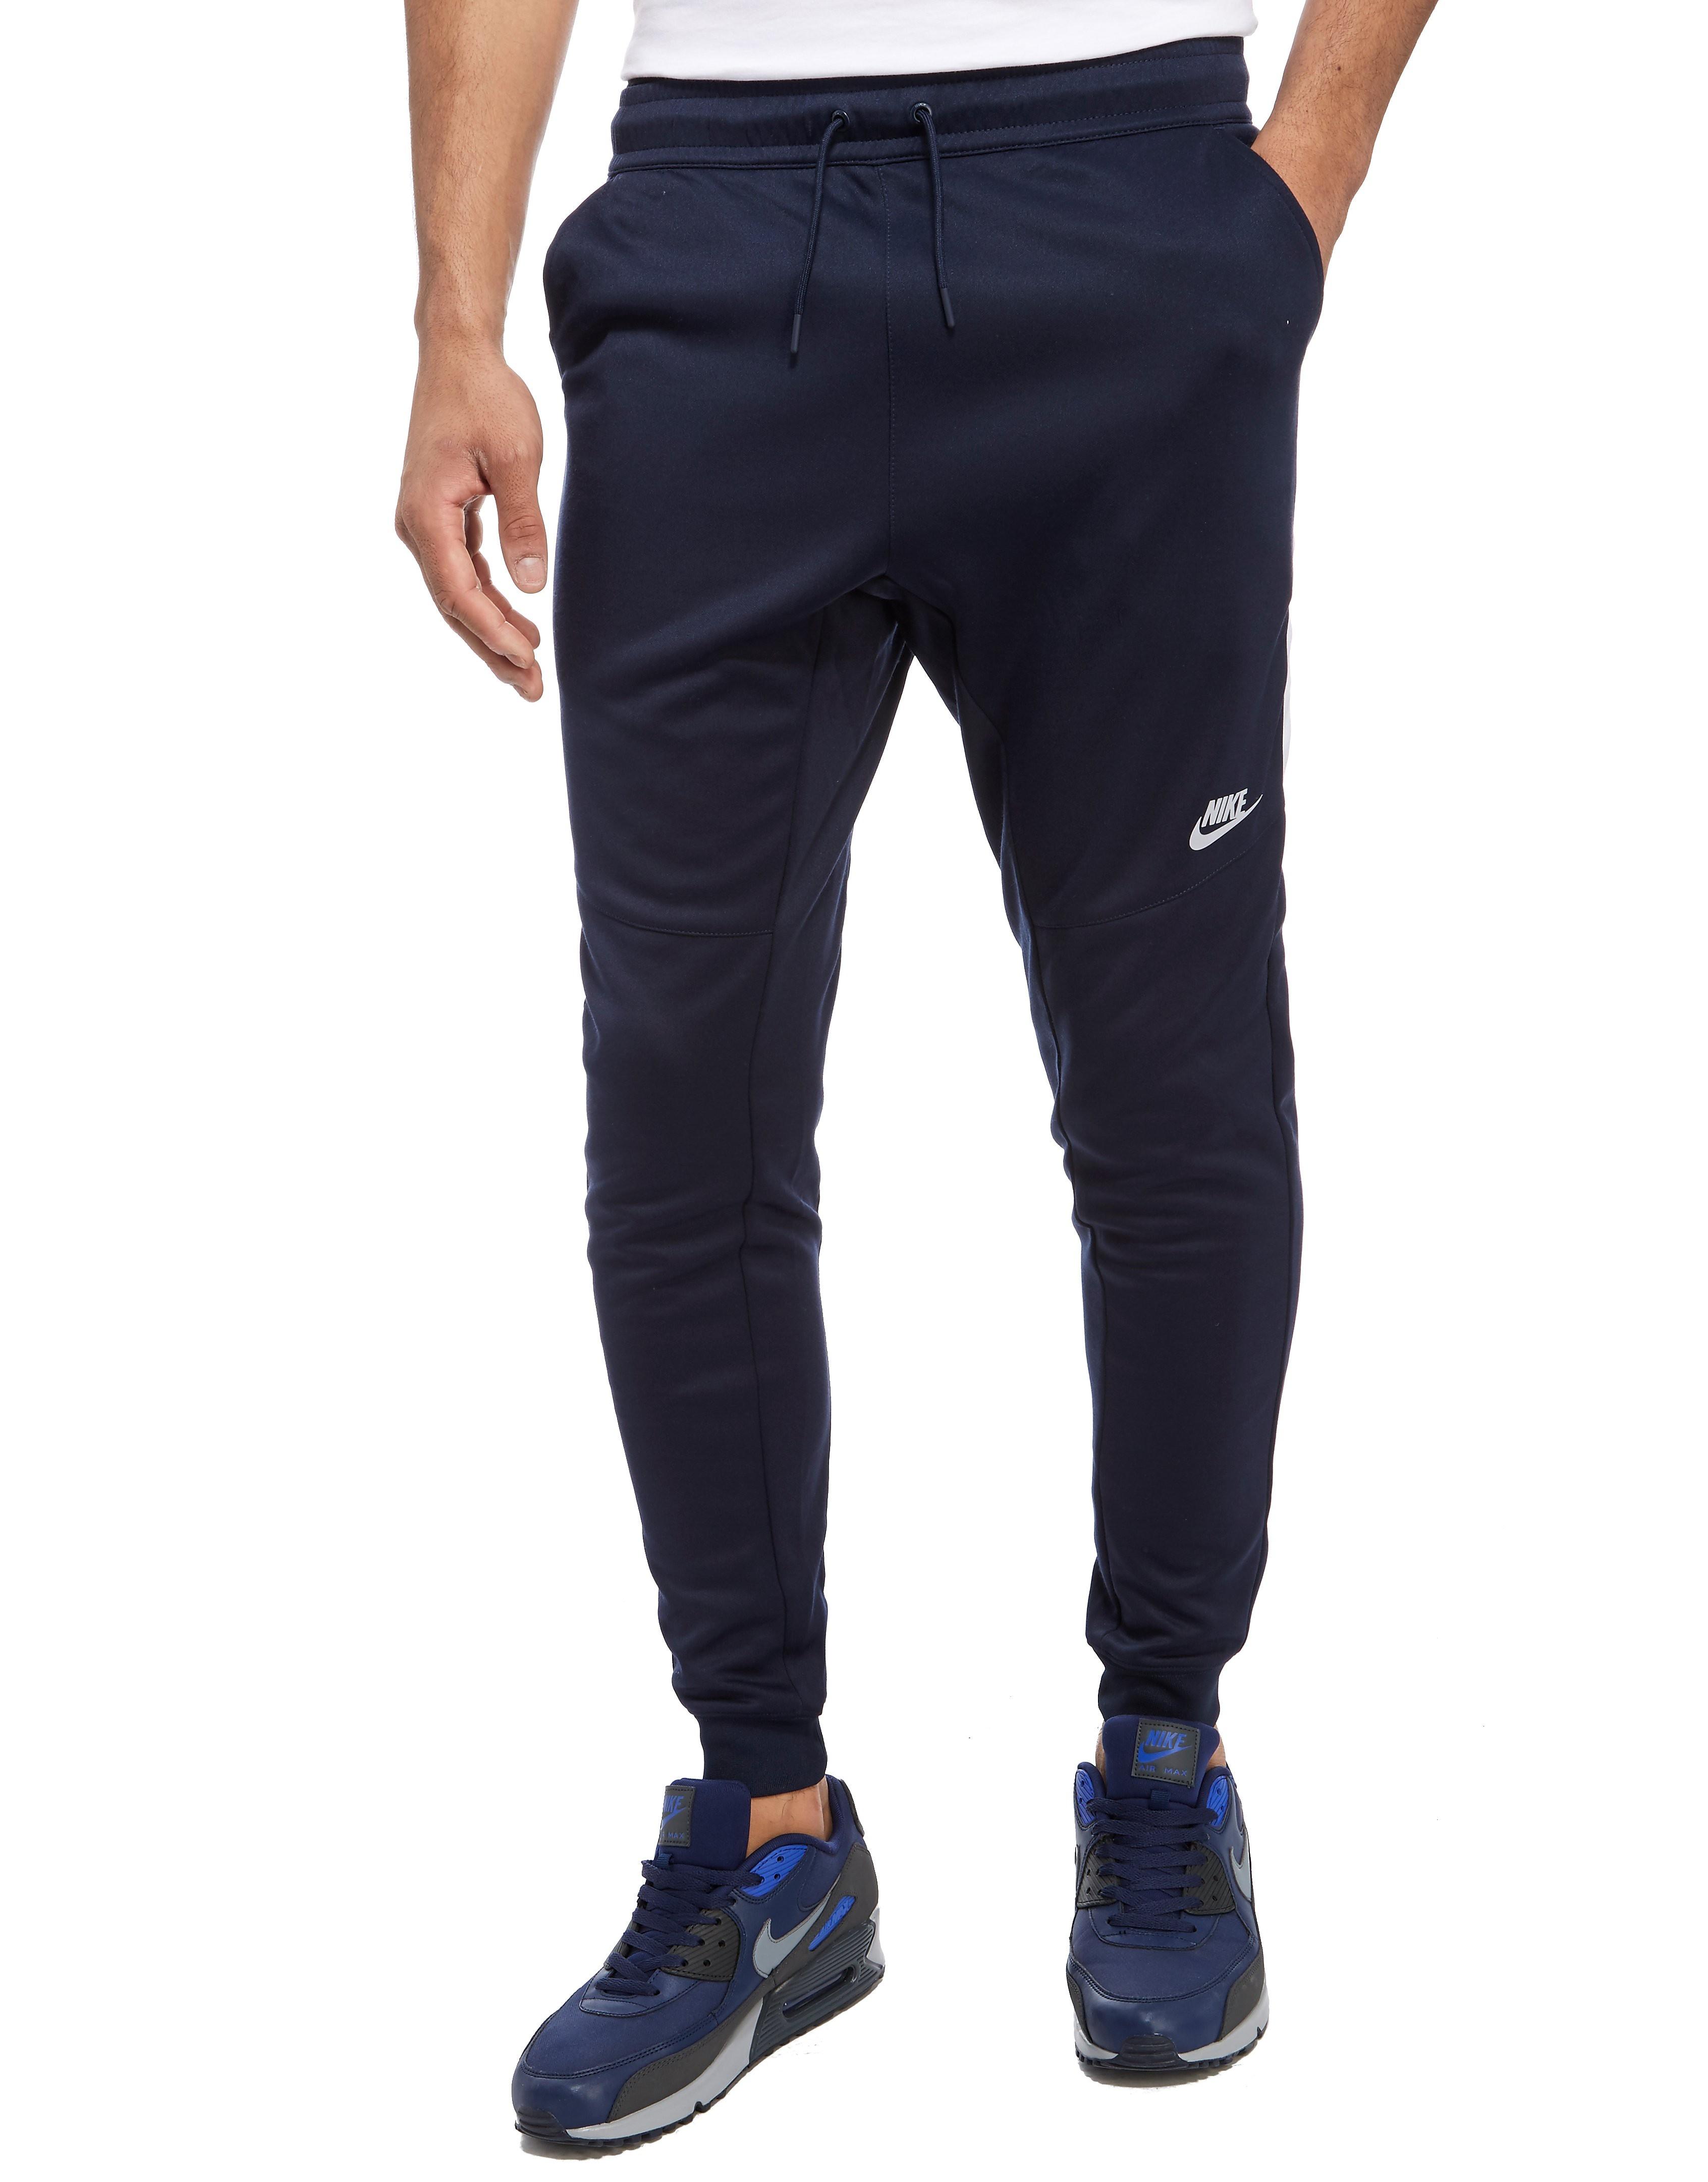 Nike Pantalon Tribute Track Homme